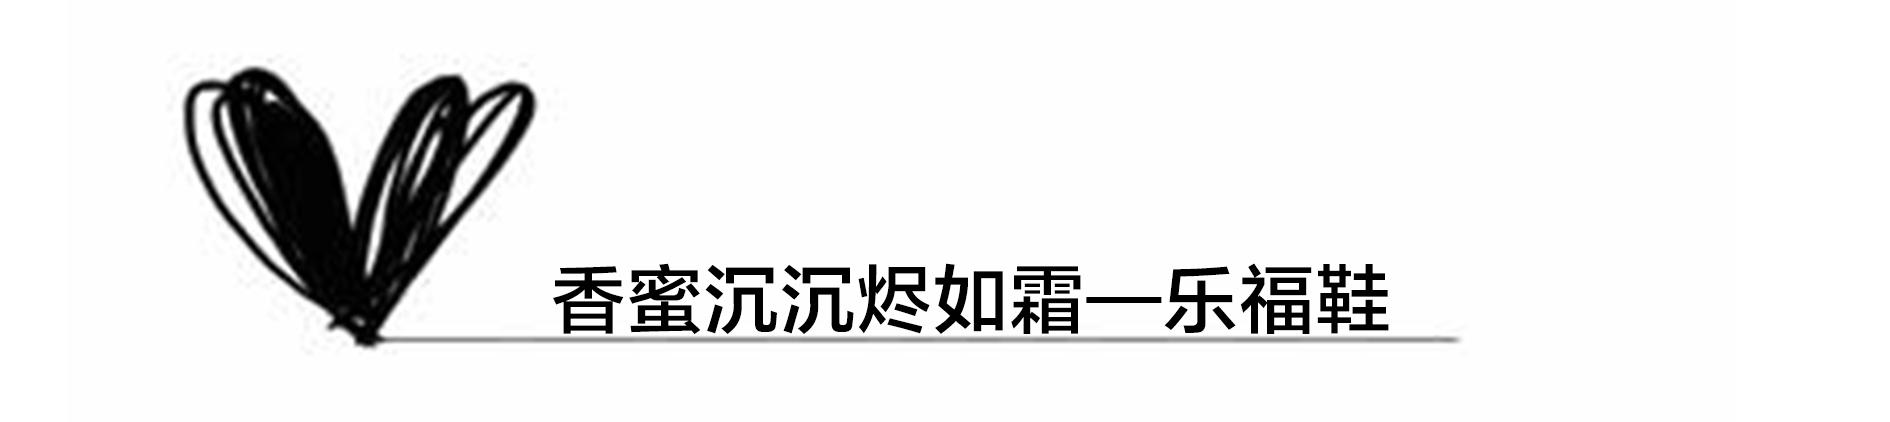 微商货源网 第6张